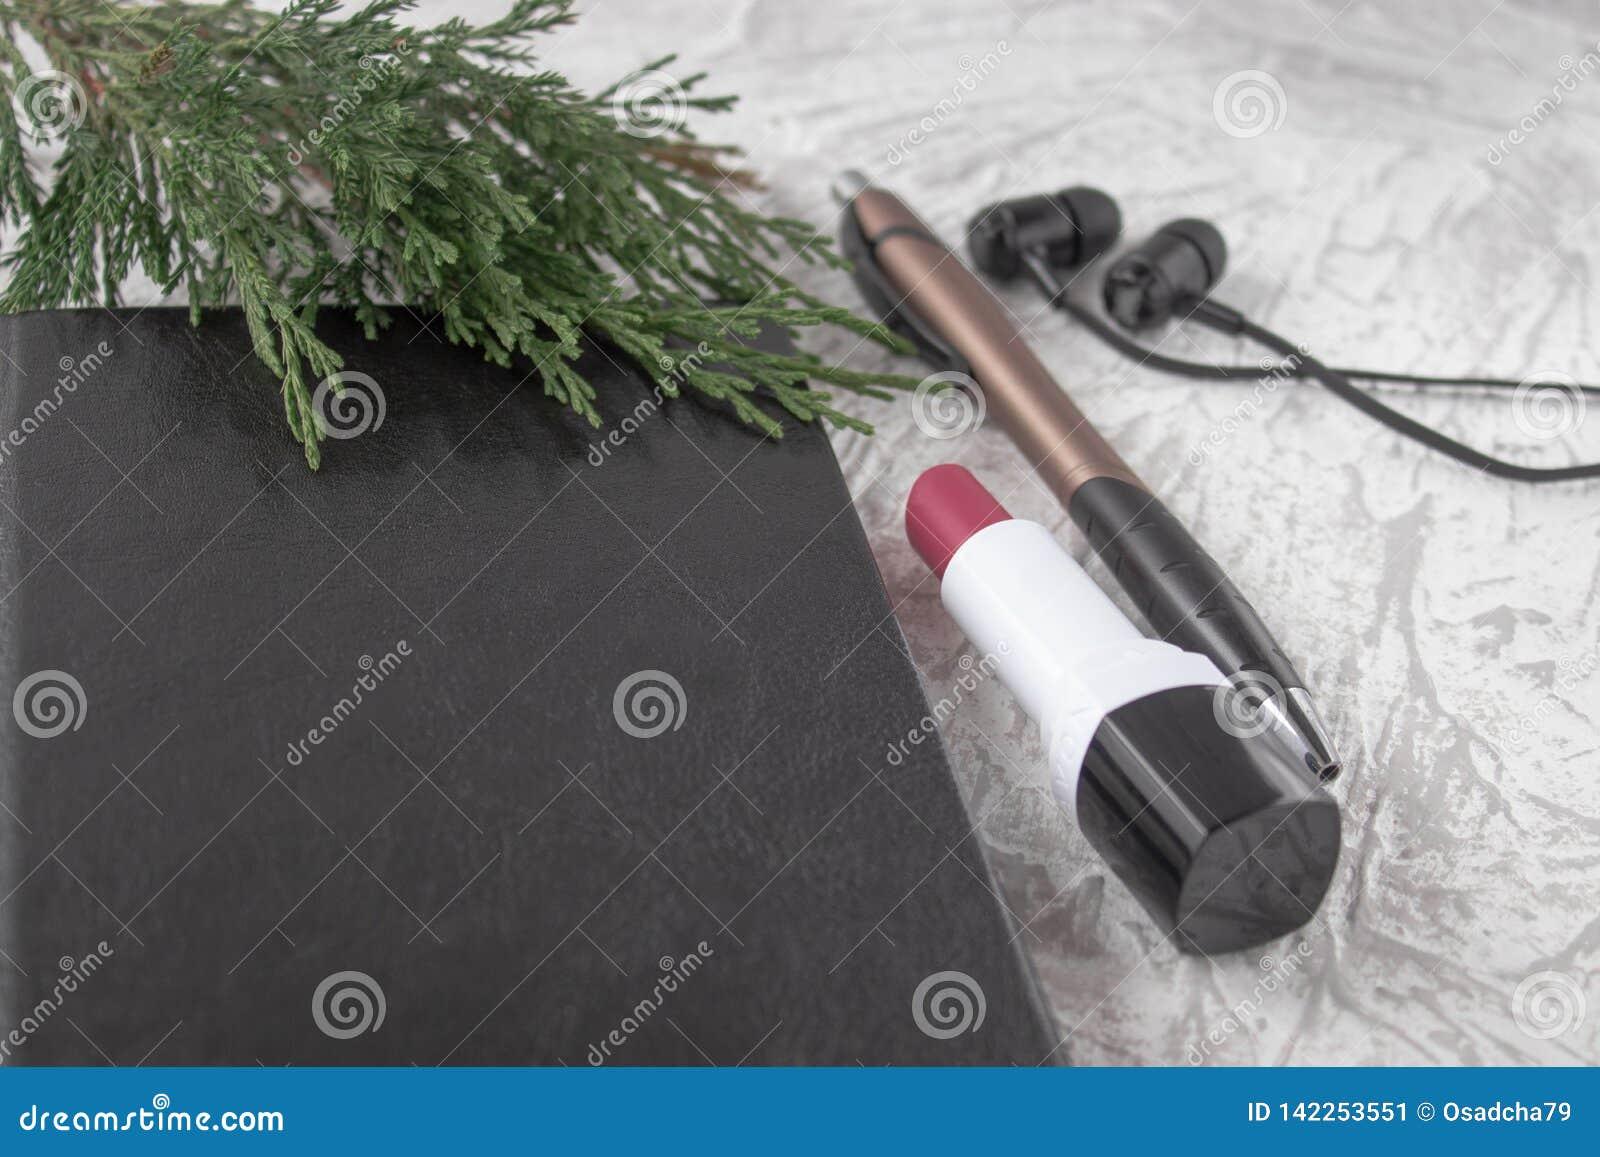 Gräsplan fattar på en svart anteckningsbok bredvid en penna, en läppstift och en hörlurar på en vit bakgrund